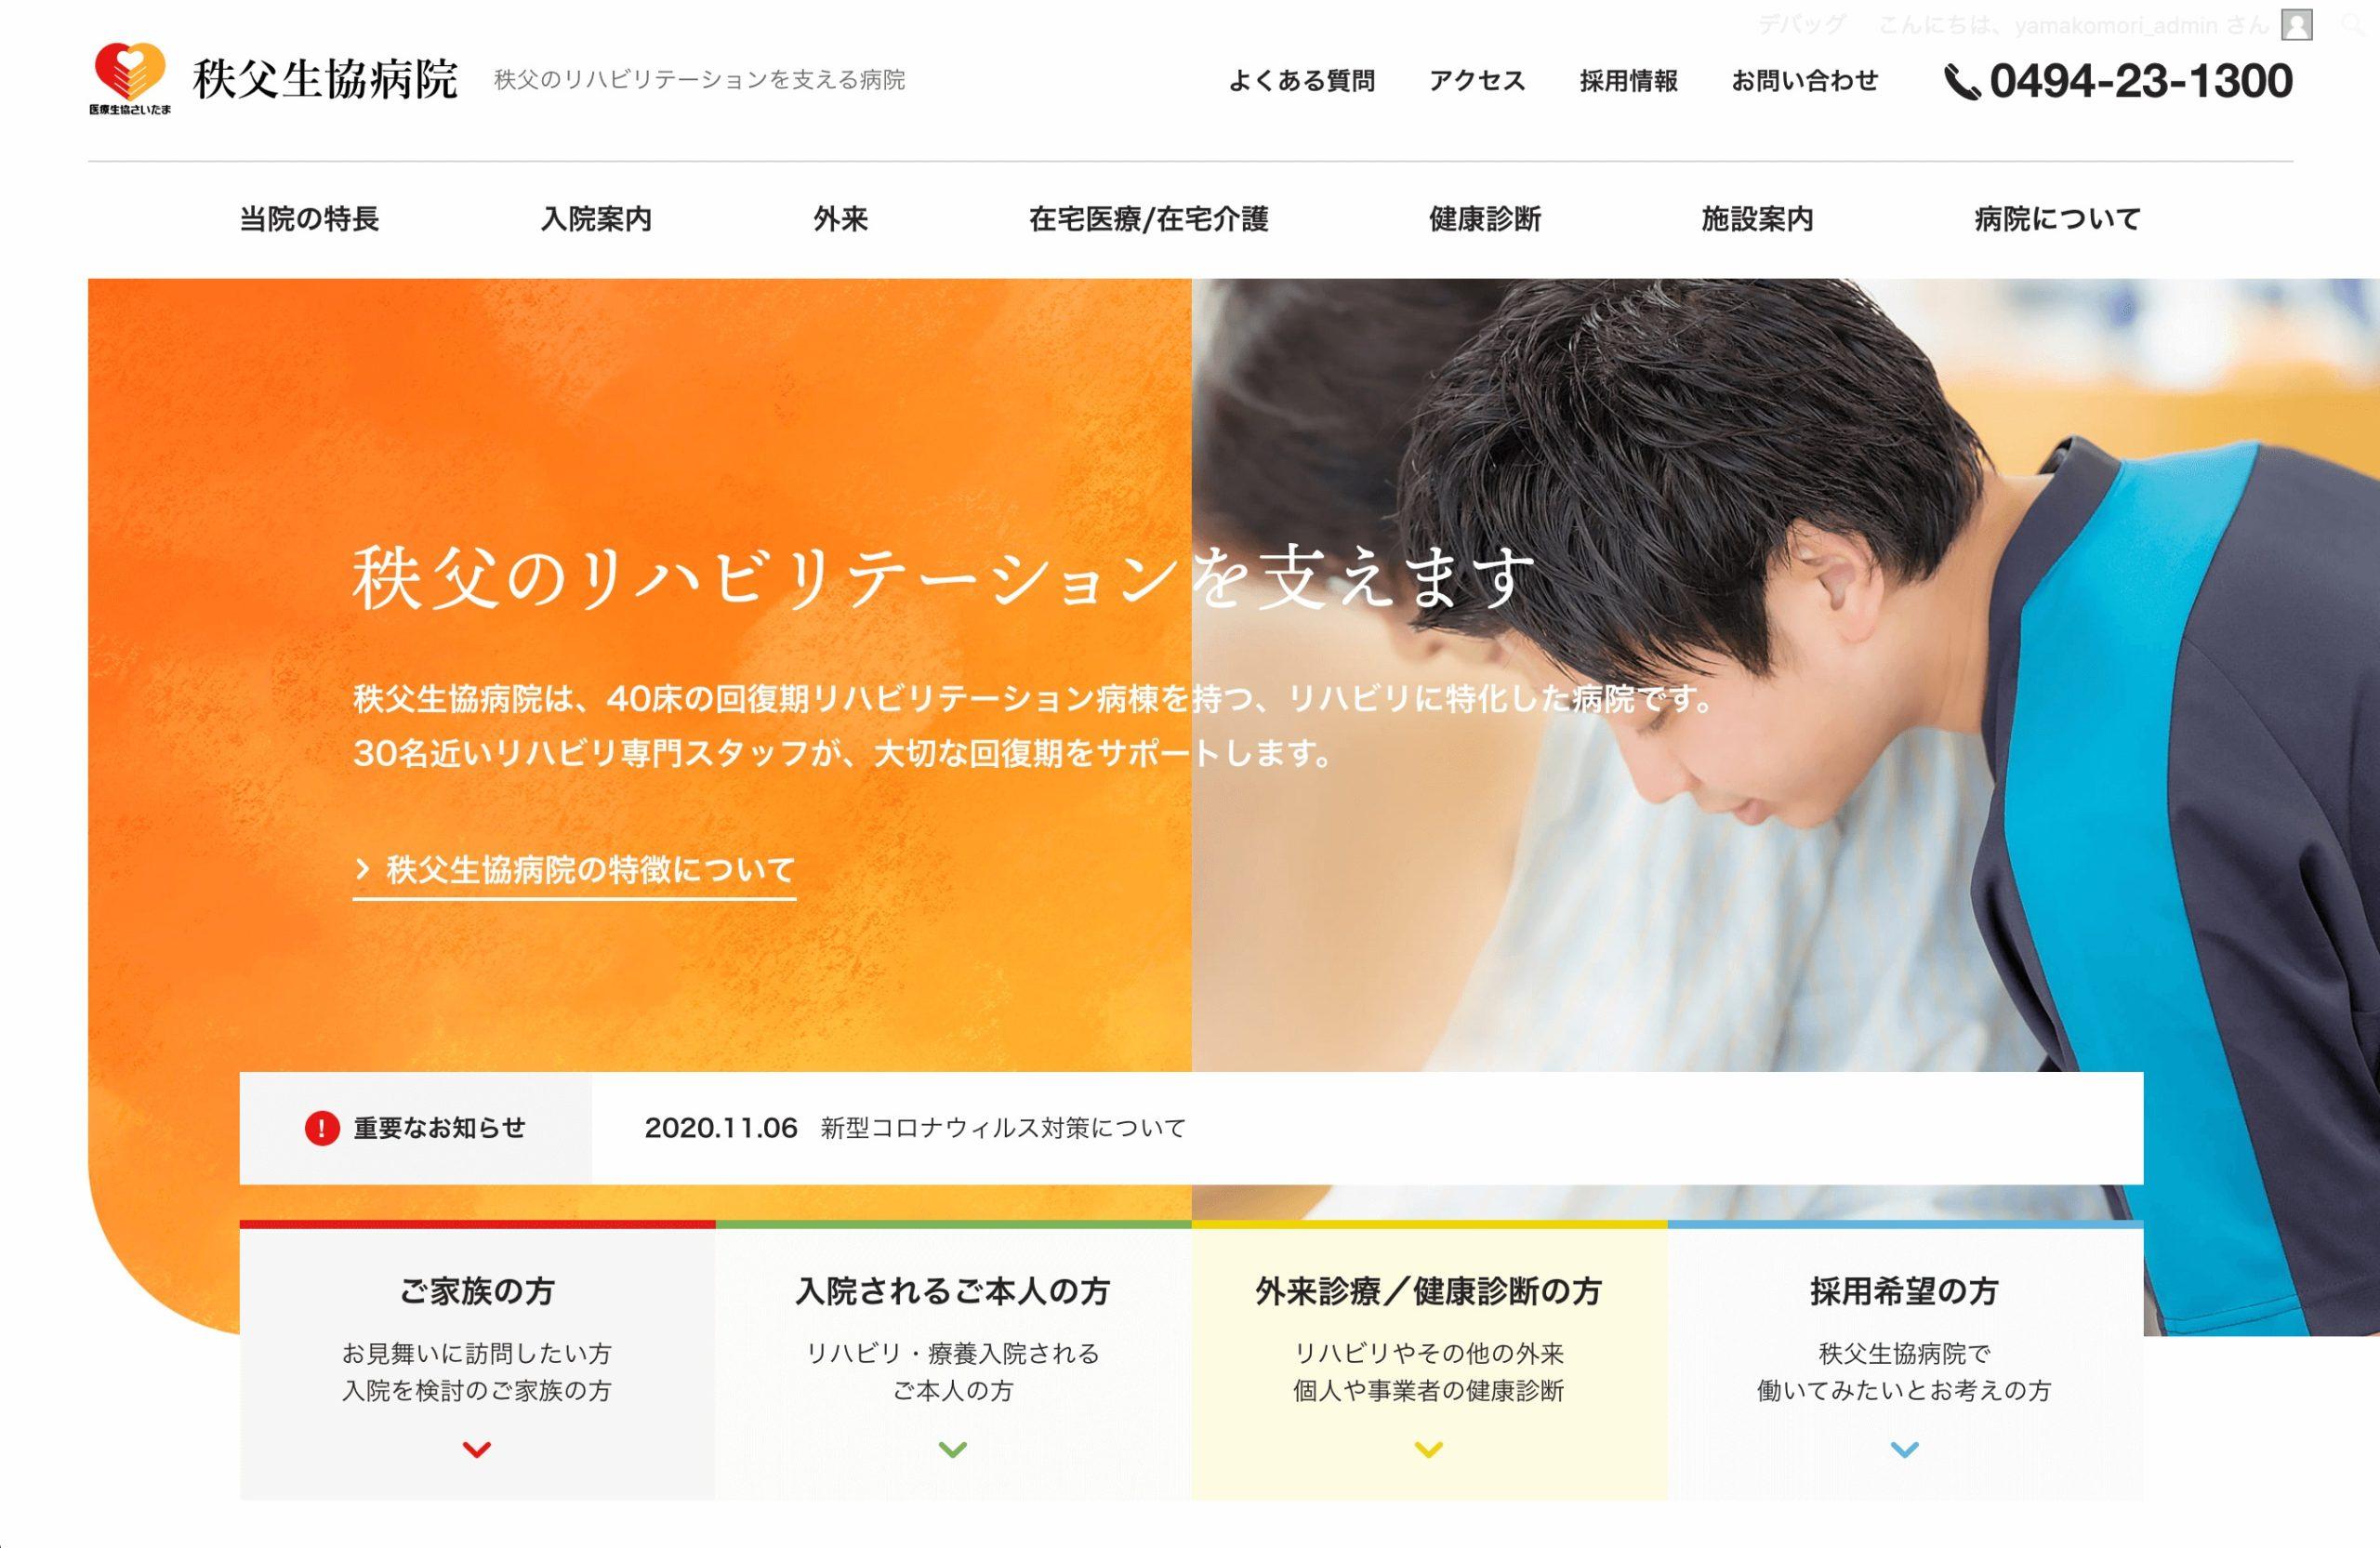 秩父生協病院のホームページがリニューアルしました